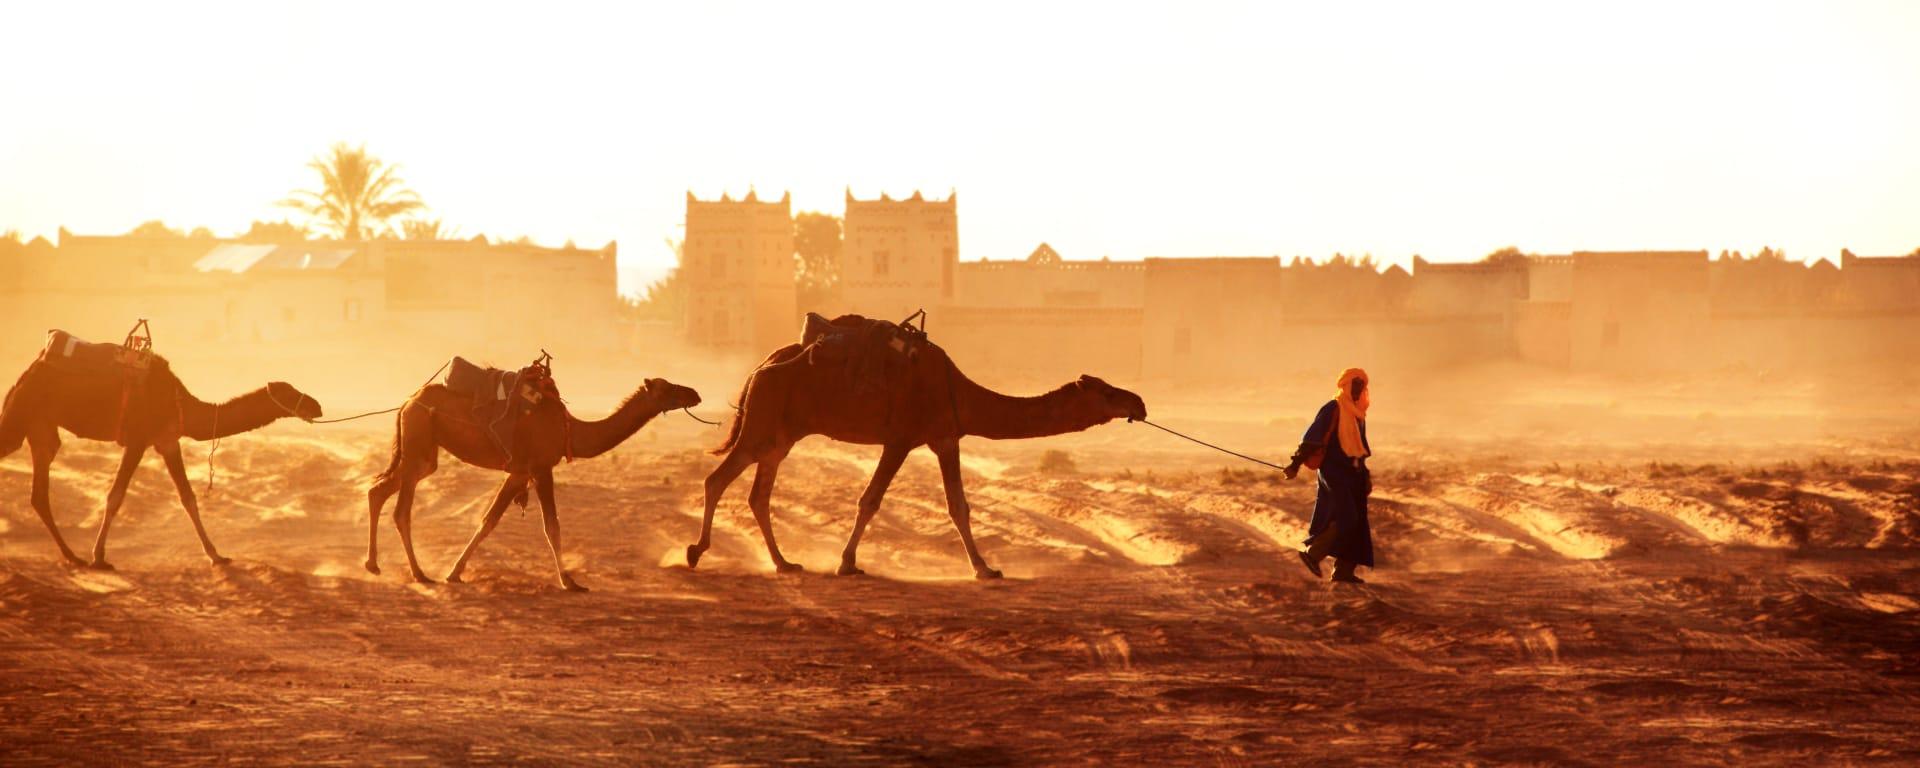 Südmarokko - Atlas & Wüste ab Marrakesch: Marokko Sueden Wueste